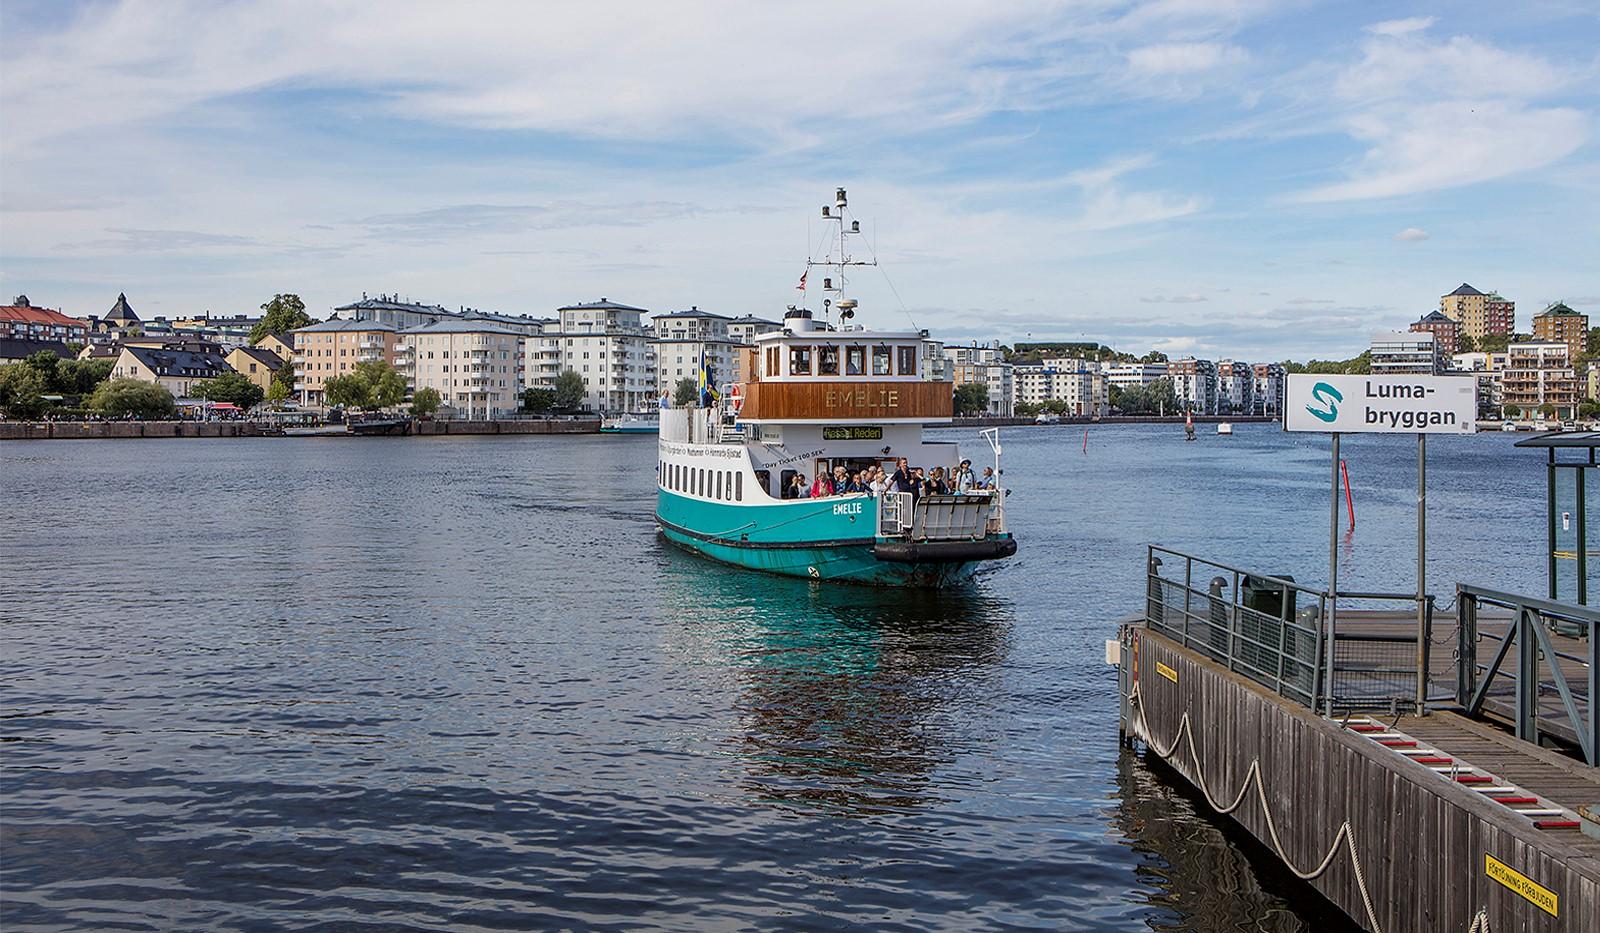 Sickla Kanalgata 51 - Hammarby Sjö